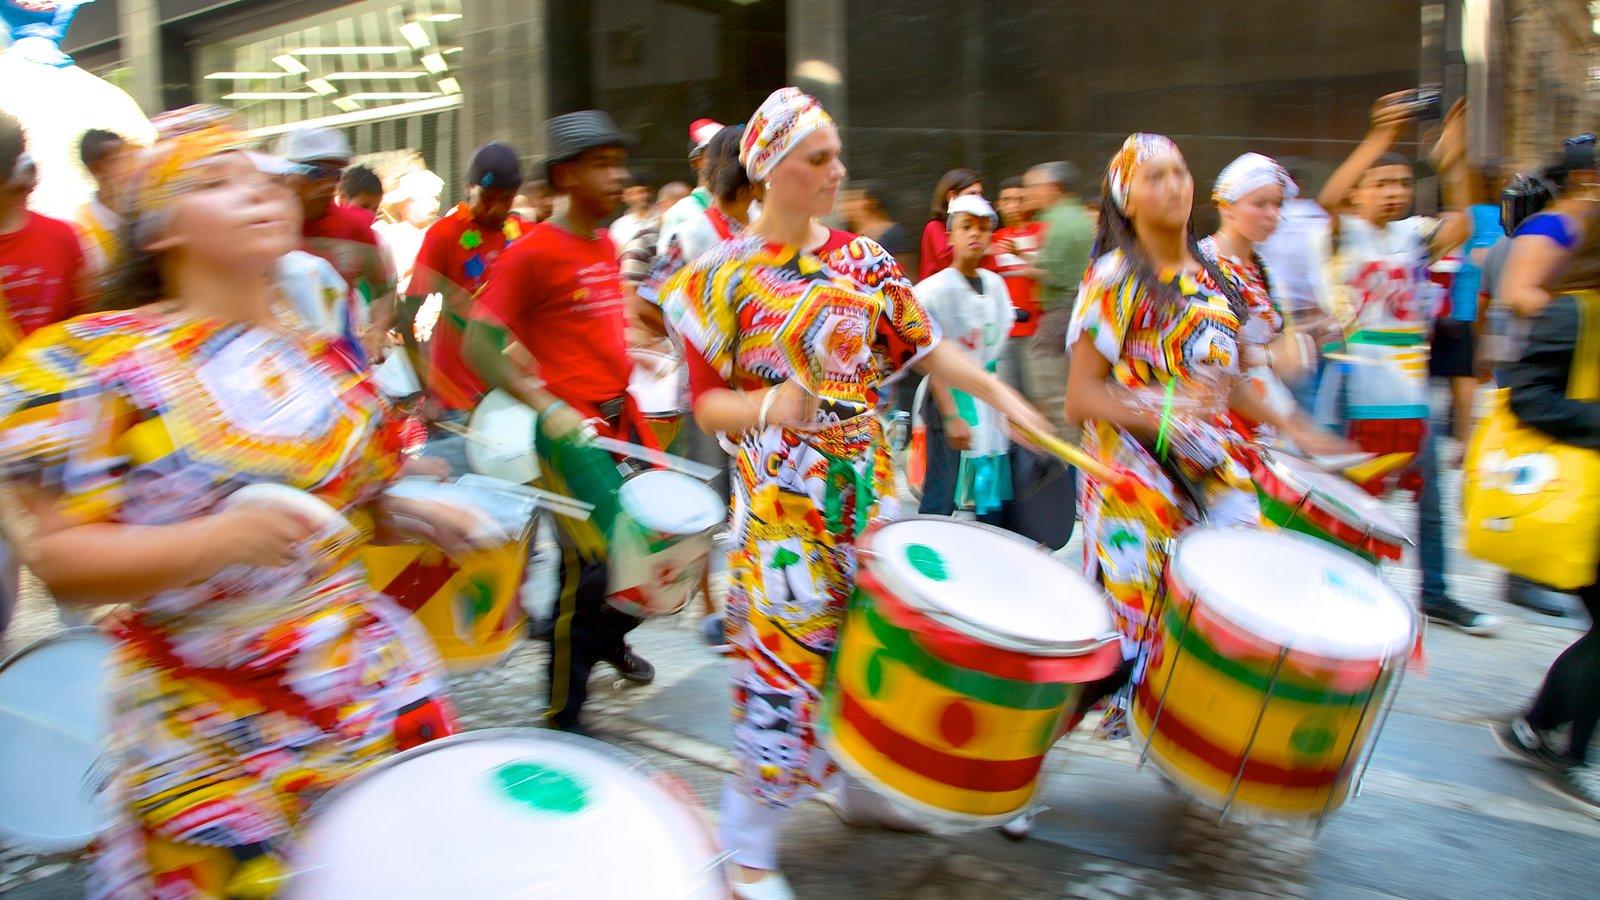 São Paulo que inclui performance de rua assim como um grande grupo de pessoas